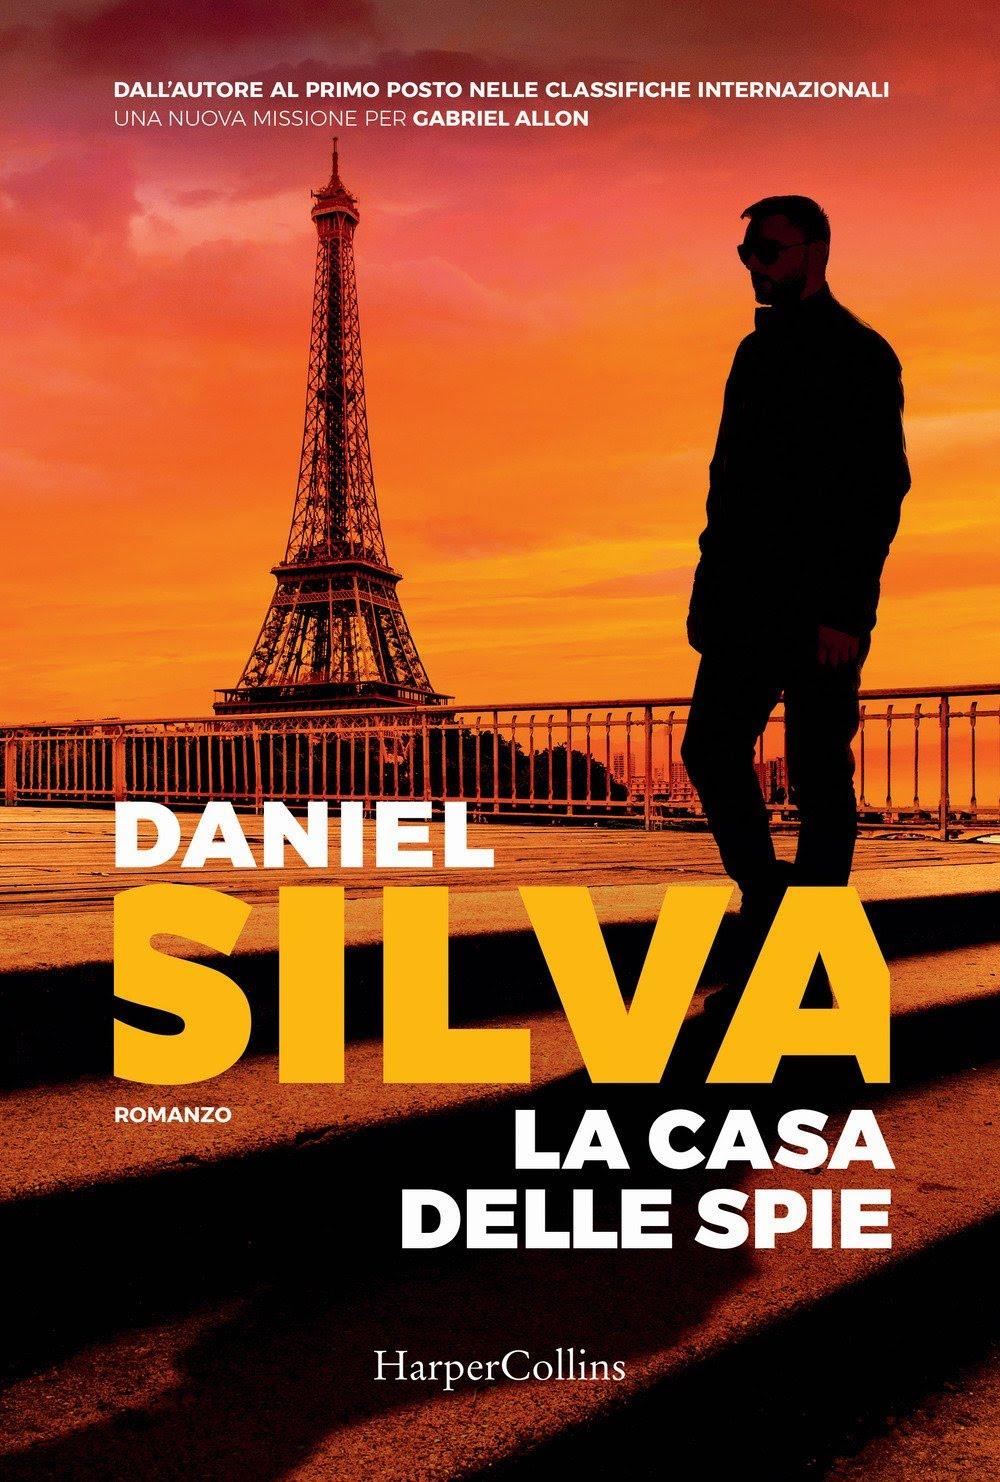 La casa delle spie di Daniel Silva